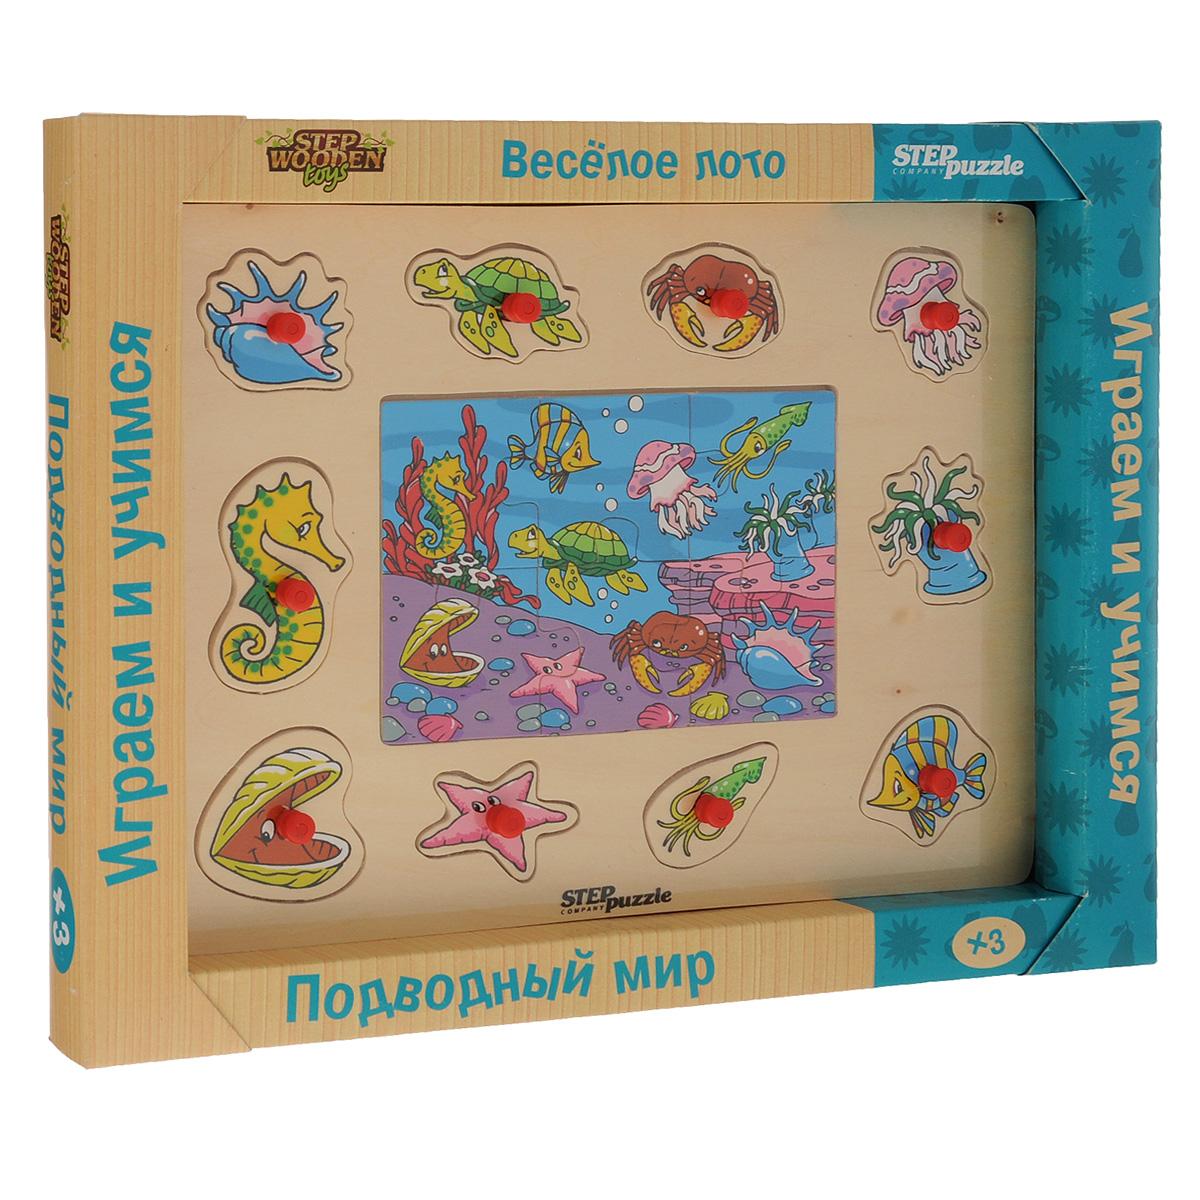 Деревянный пазл-вкладыш Веселое лото. Подводный мир, 16 элементов89601_подводный мирУвлекательная развивающая игра Веселое лото. Подводный мир поможет малышу познакомится с различными морскими обитателями. Игра развивает логическое мышление, память, мелкую моторику, позволяет моделировать множество игровых ситуаций. Набор состоит из 6 пазлов и 10 отдельных фигурок из дерева с изображением обитателей подводного мира.